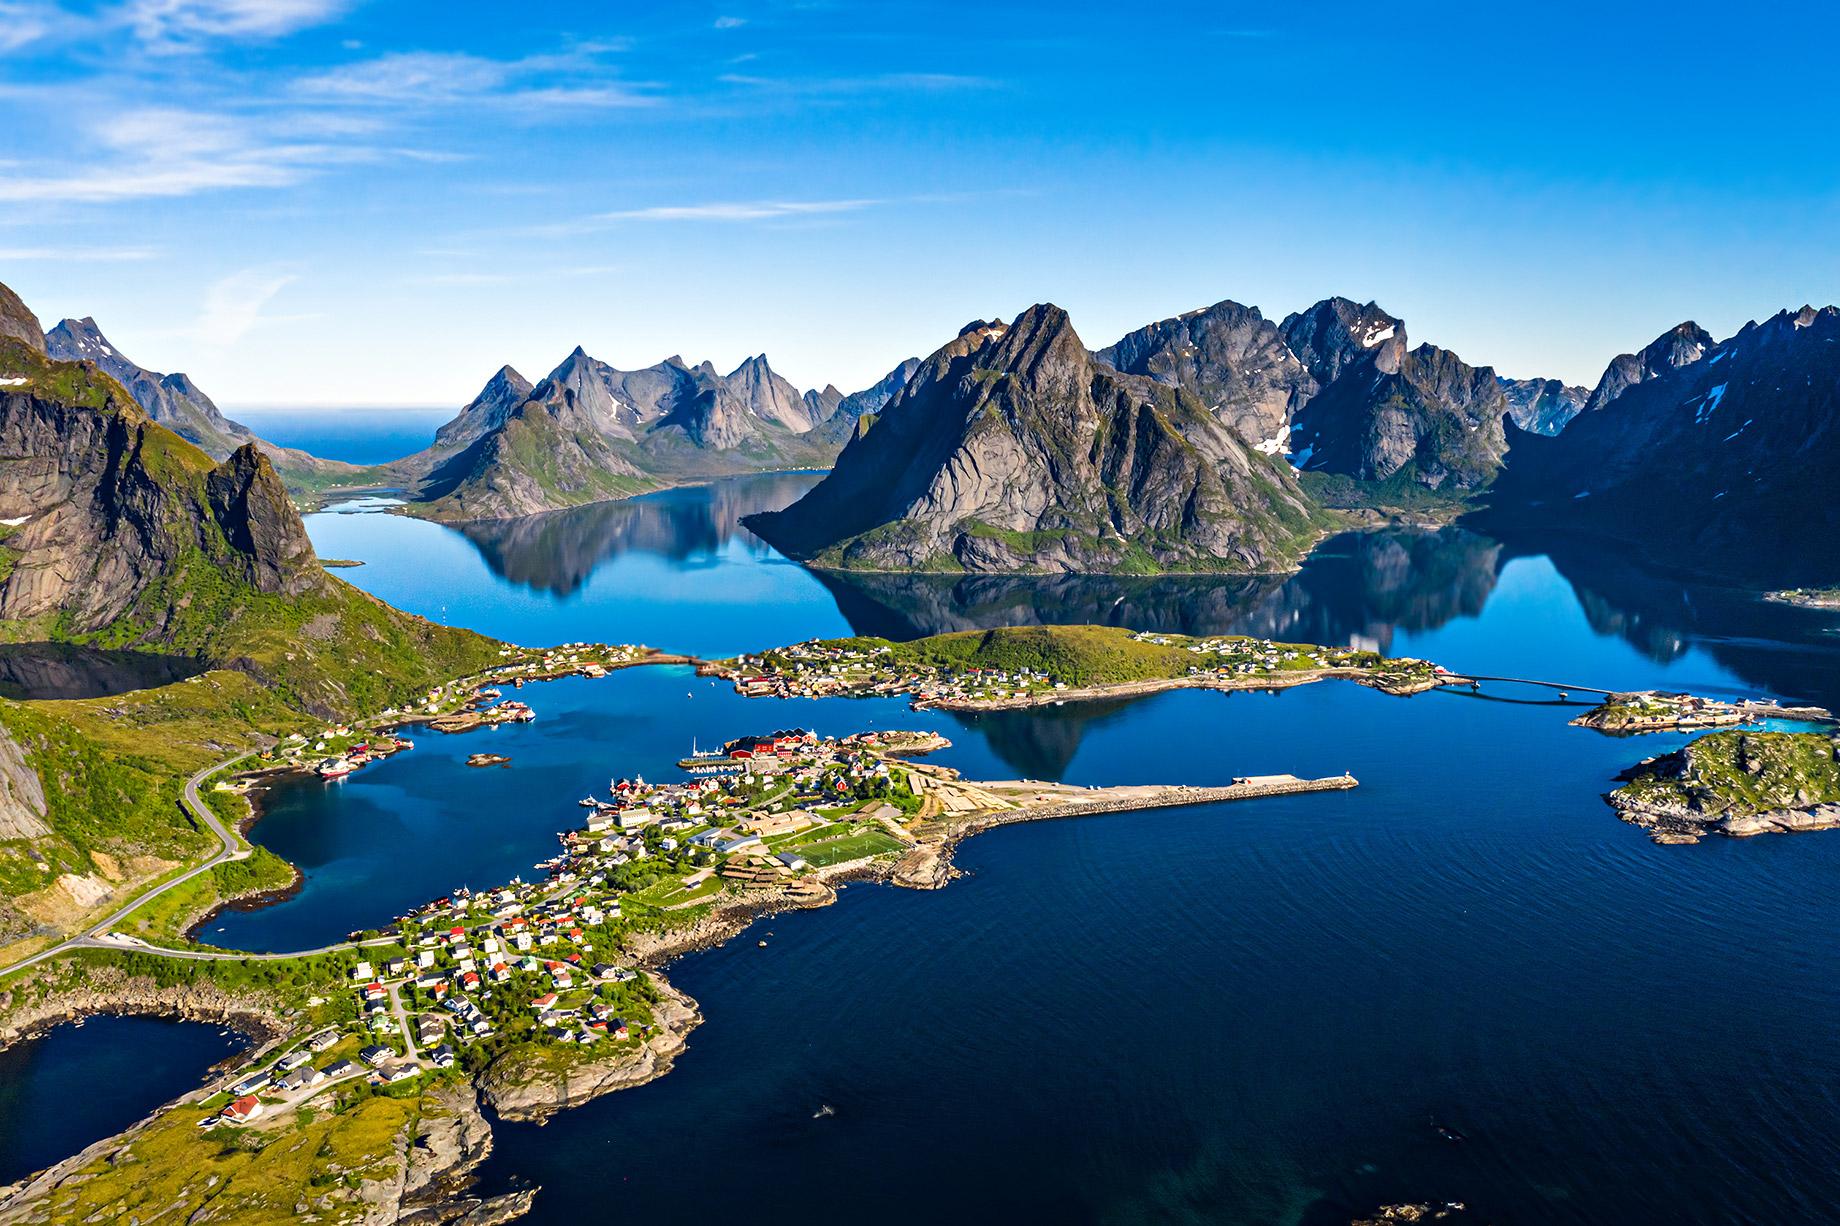 Lofoten, Nordland, Norvège - Top 10 des destinations de voyage de luxe dans le monde